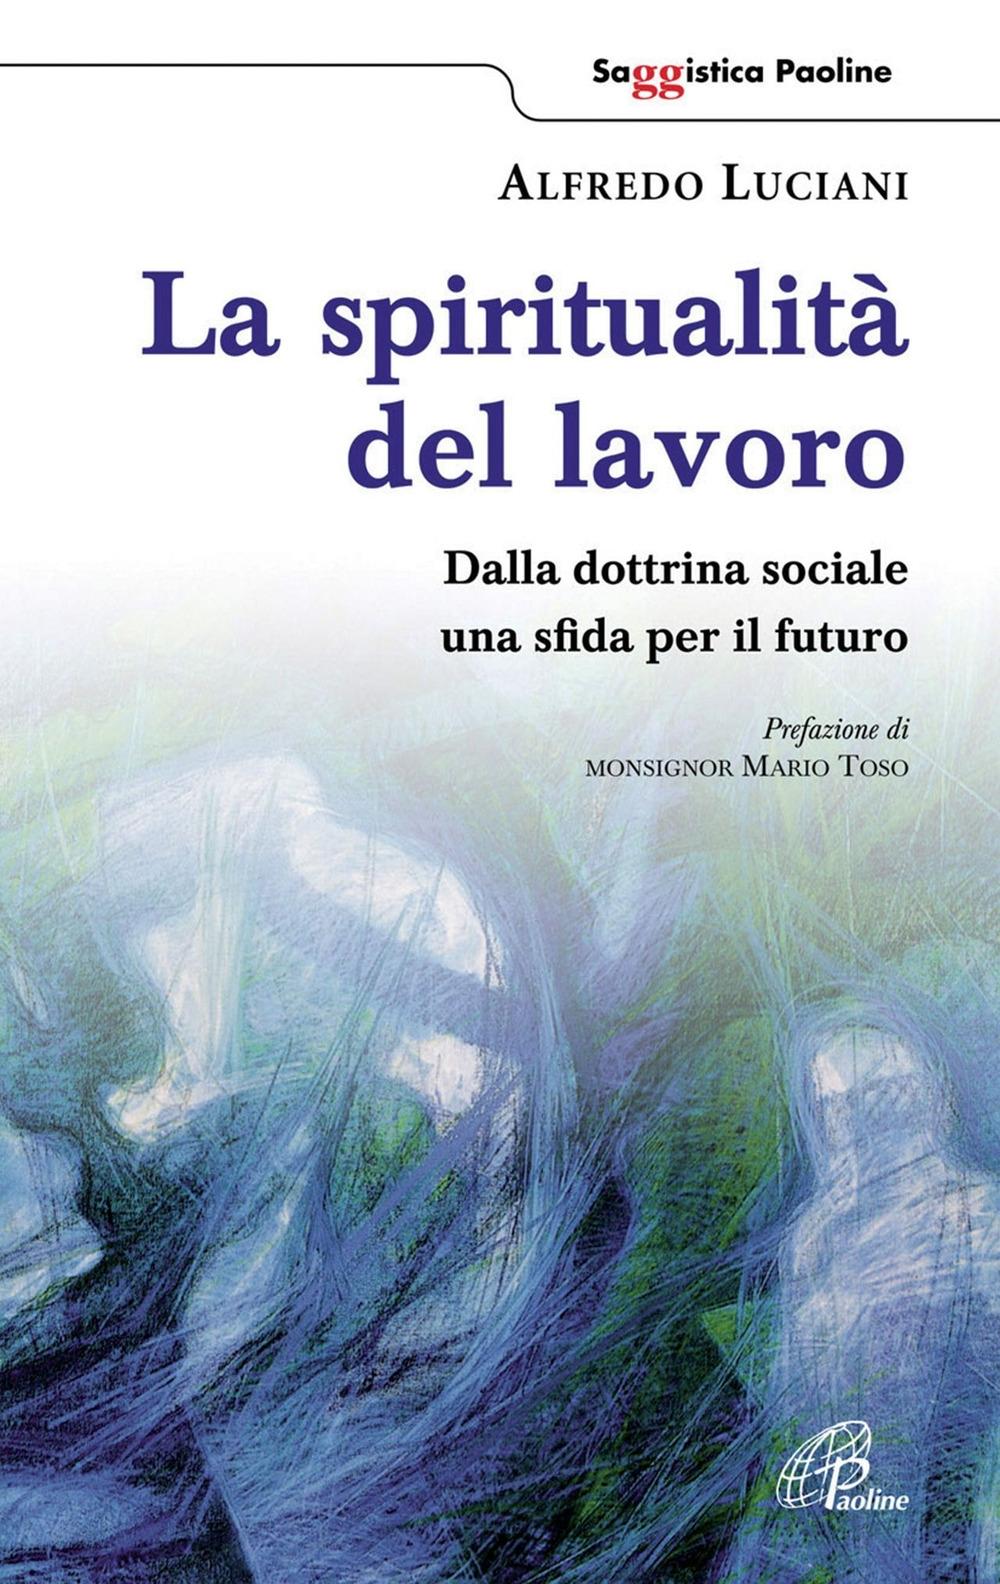 La spiritualità del lavoro. Dalla dottrina sociale una sfida per il futuro.